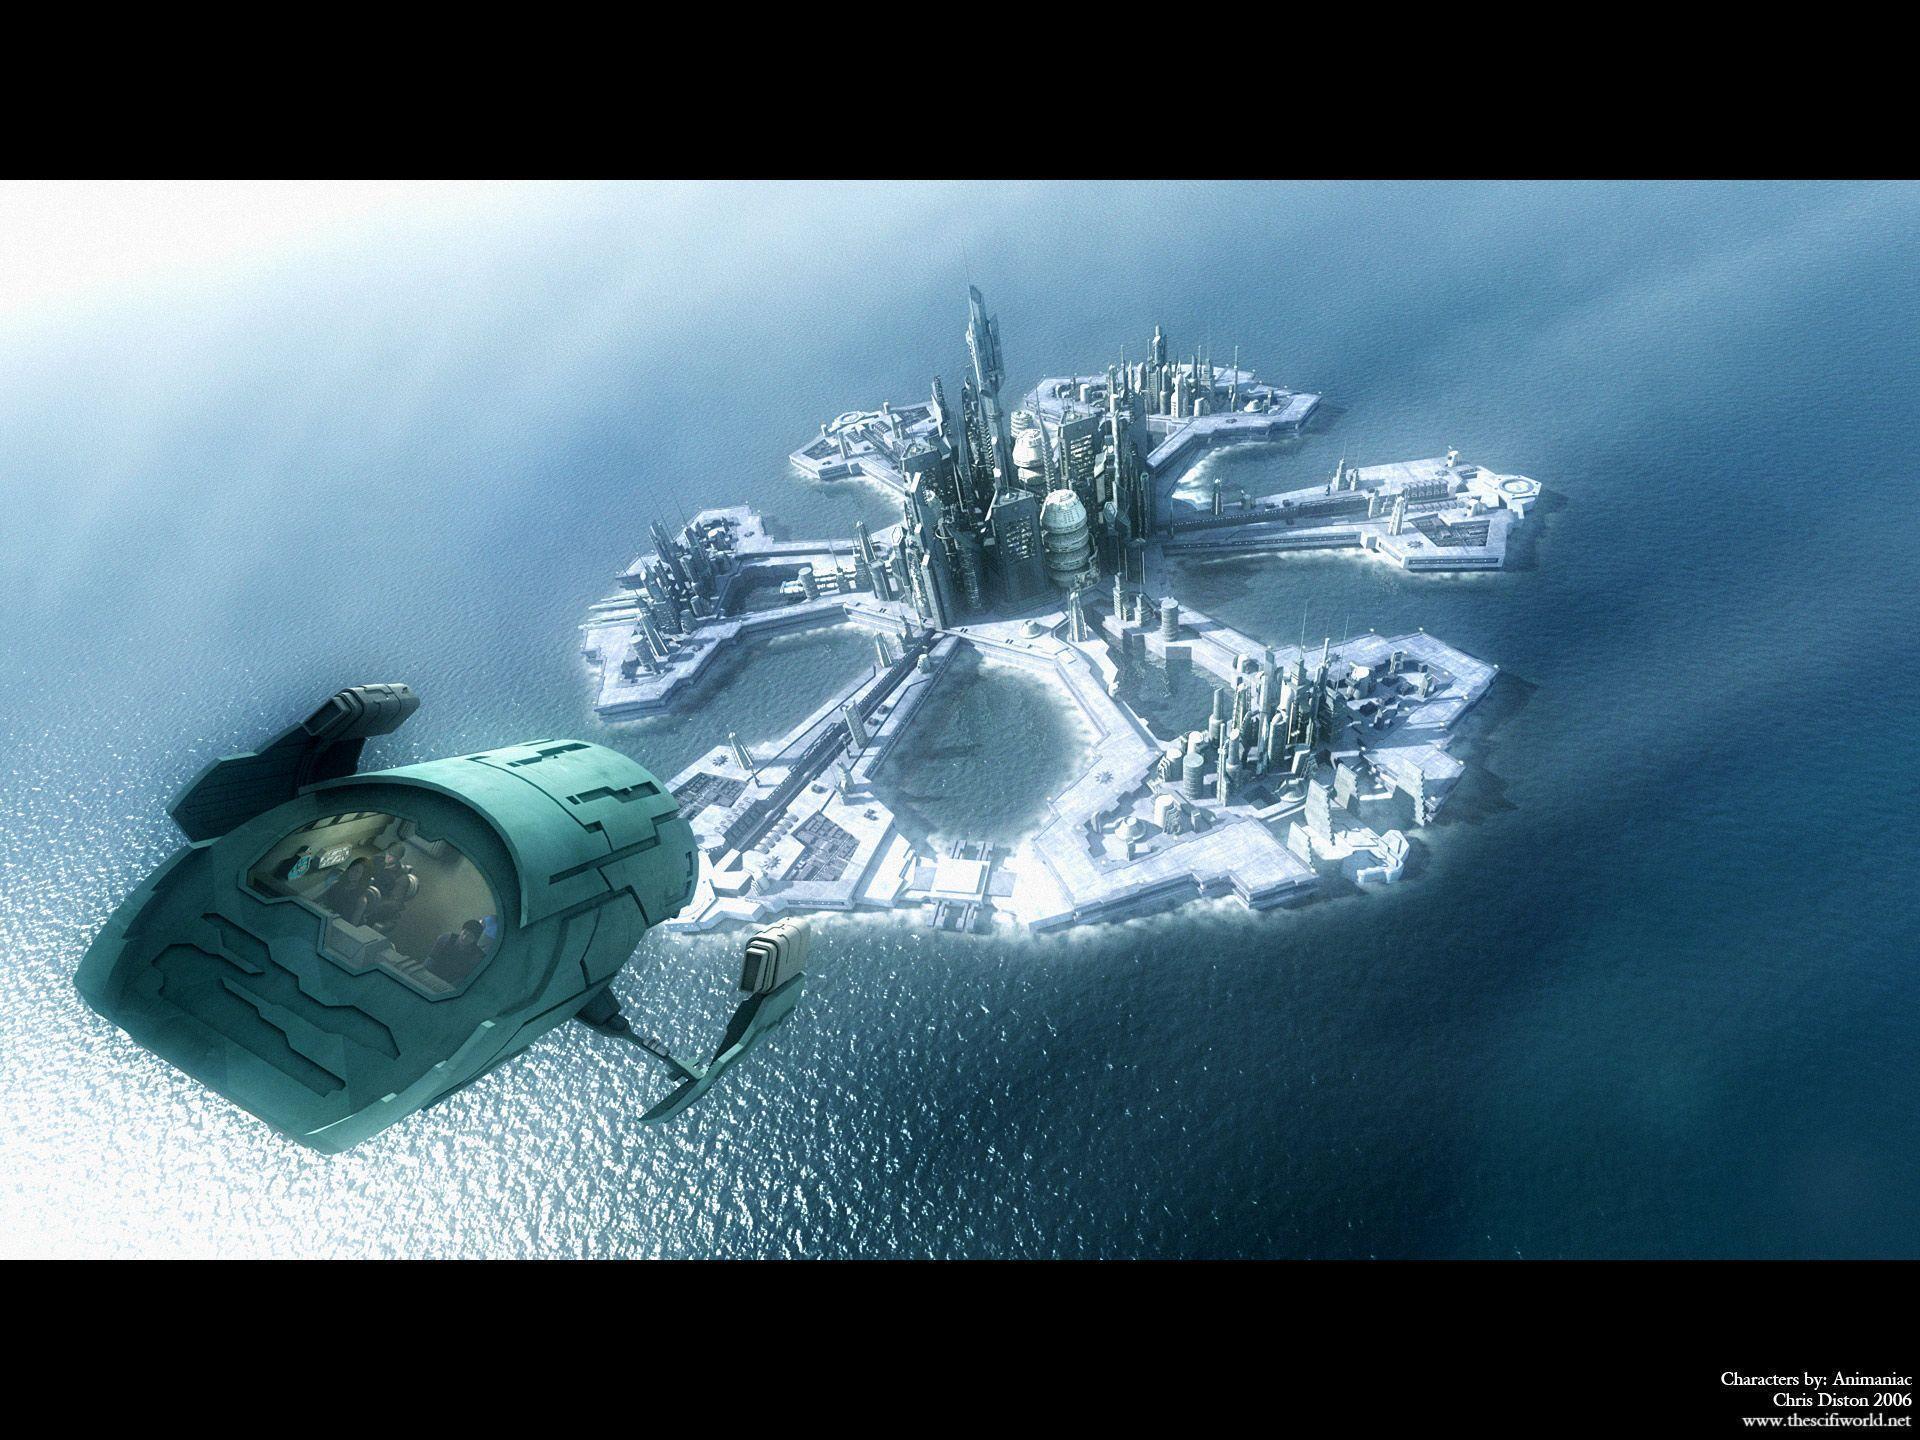 STARGATE wallpaper wallpapers Stargate SG-1 Stargate Atlantis 3D